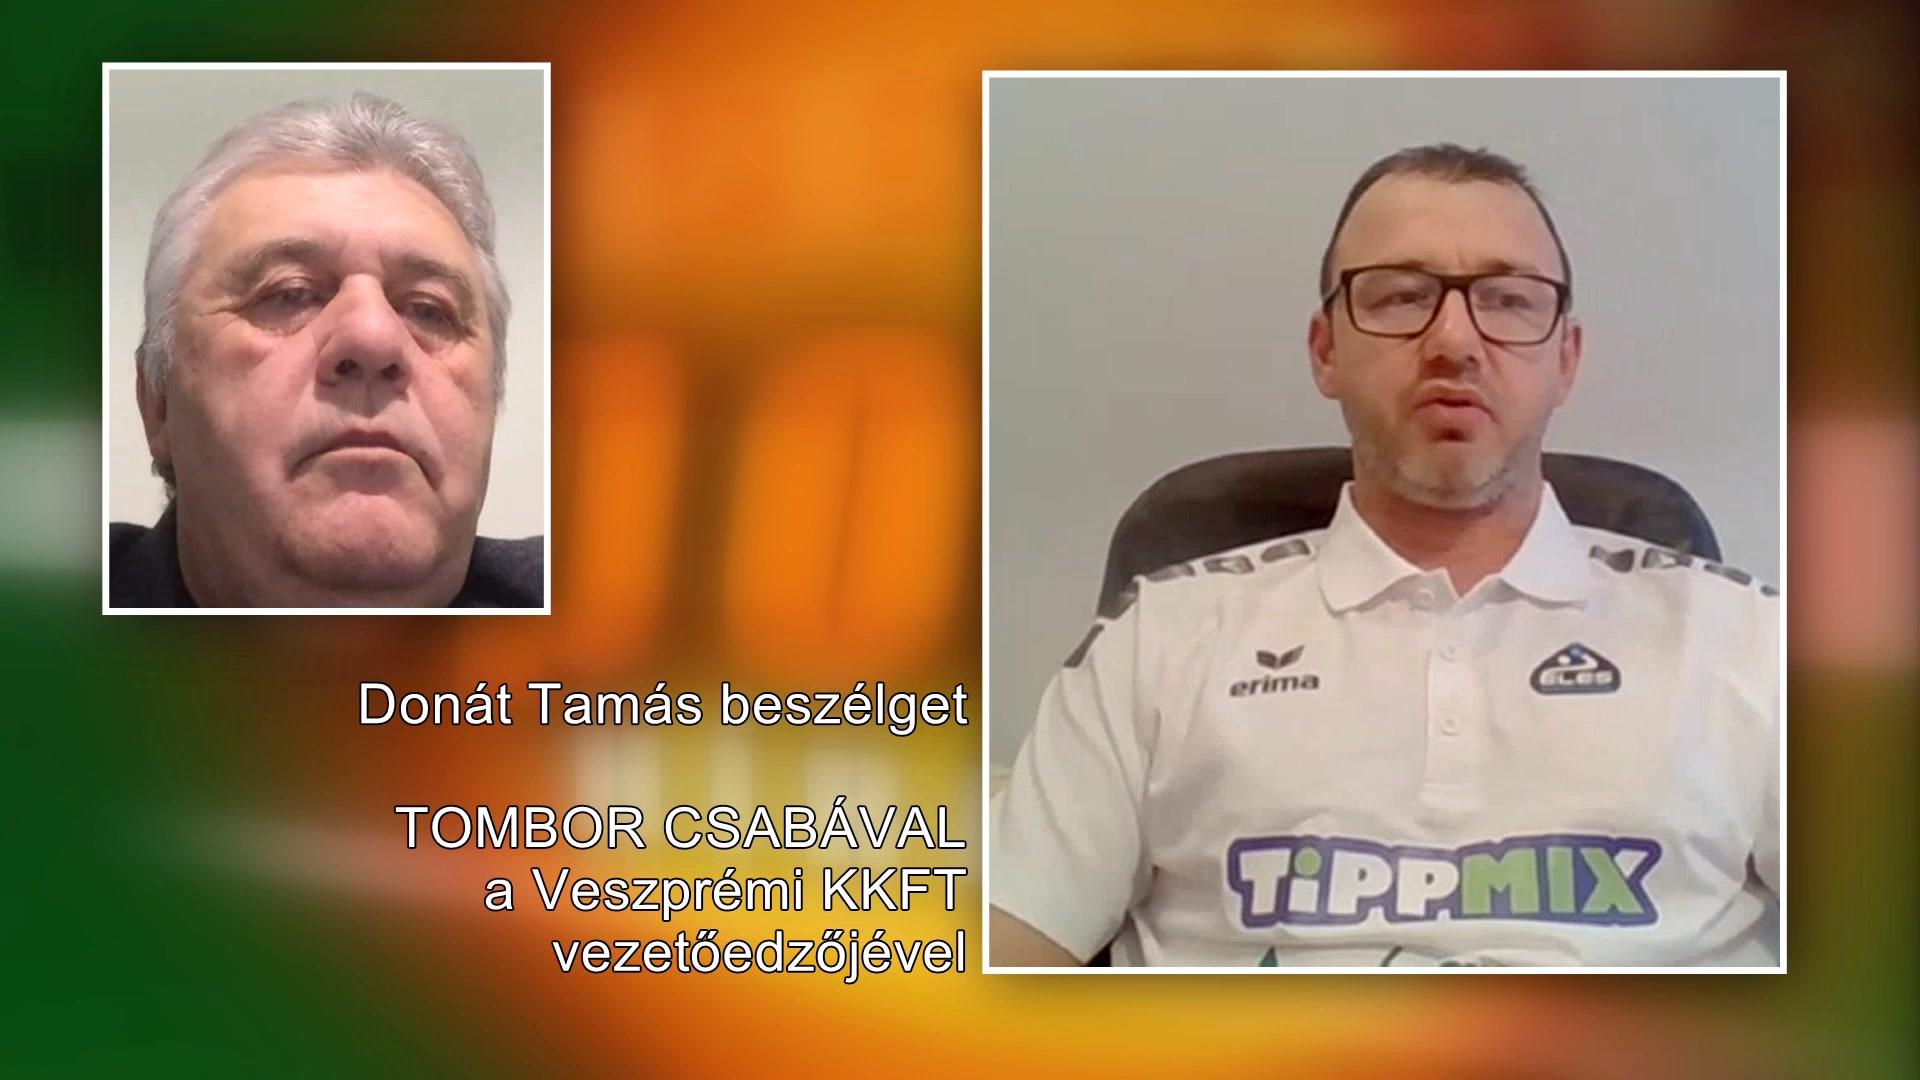 Tombor Csaba értékel